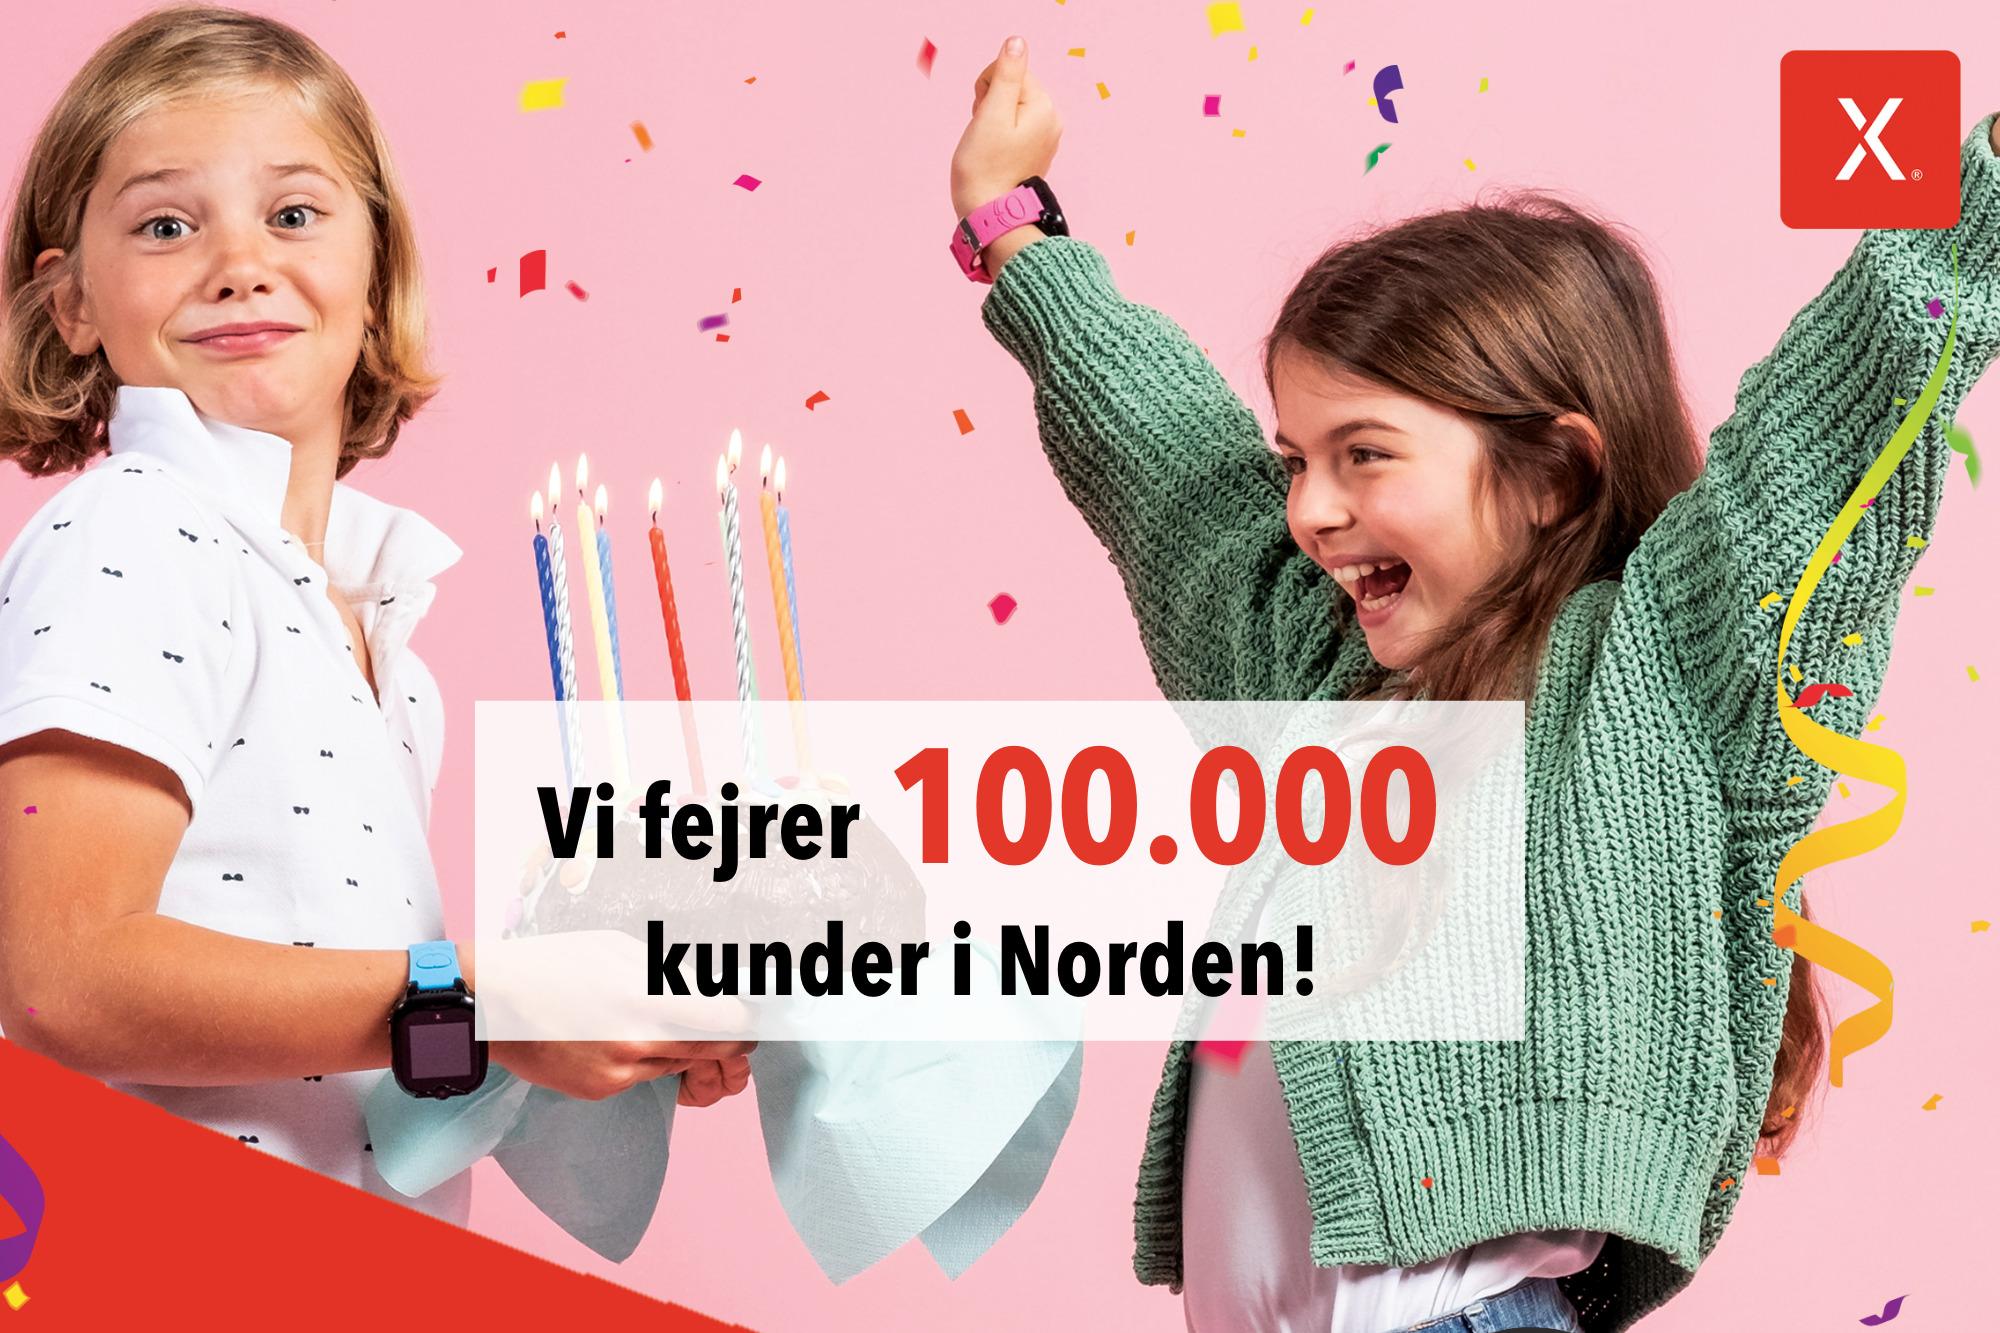 100.000 kunder